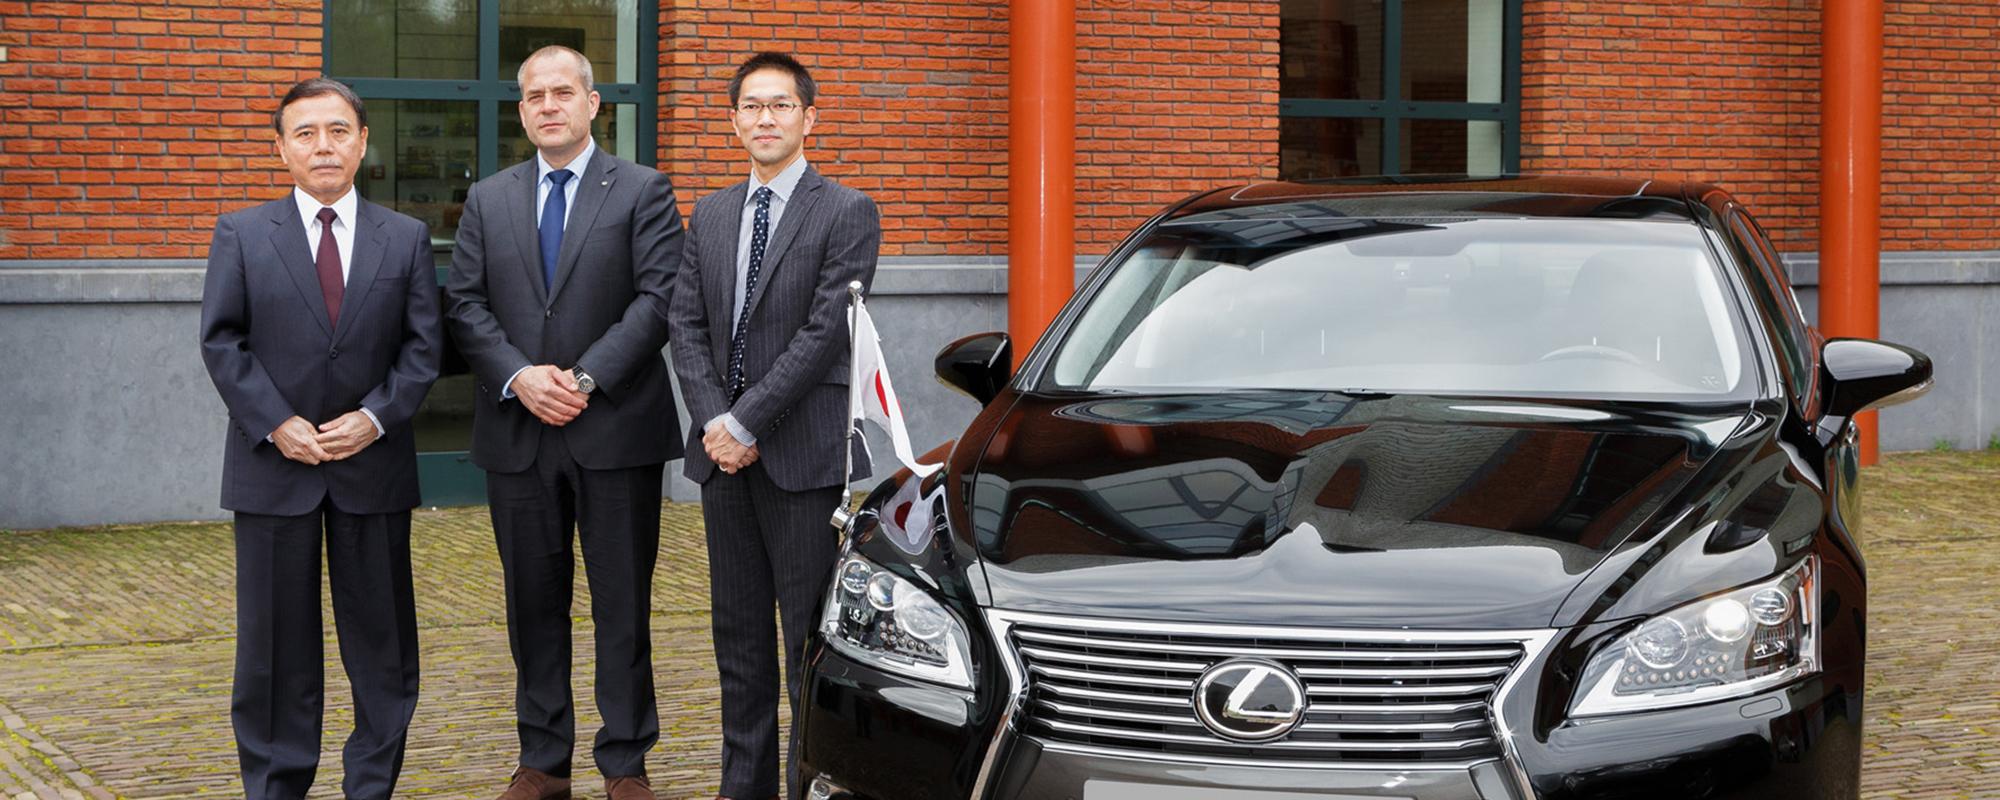 Japanse ambassadeur neemt Lexus LS in ontvangst